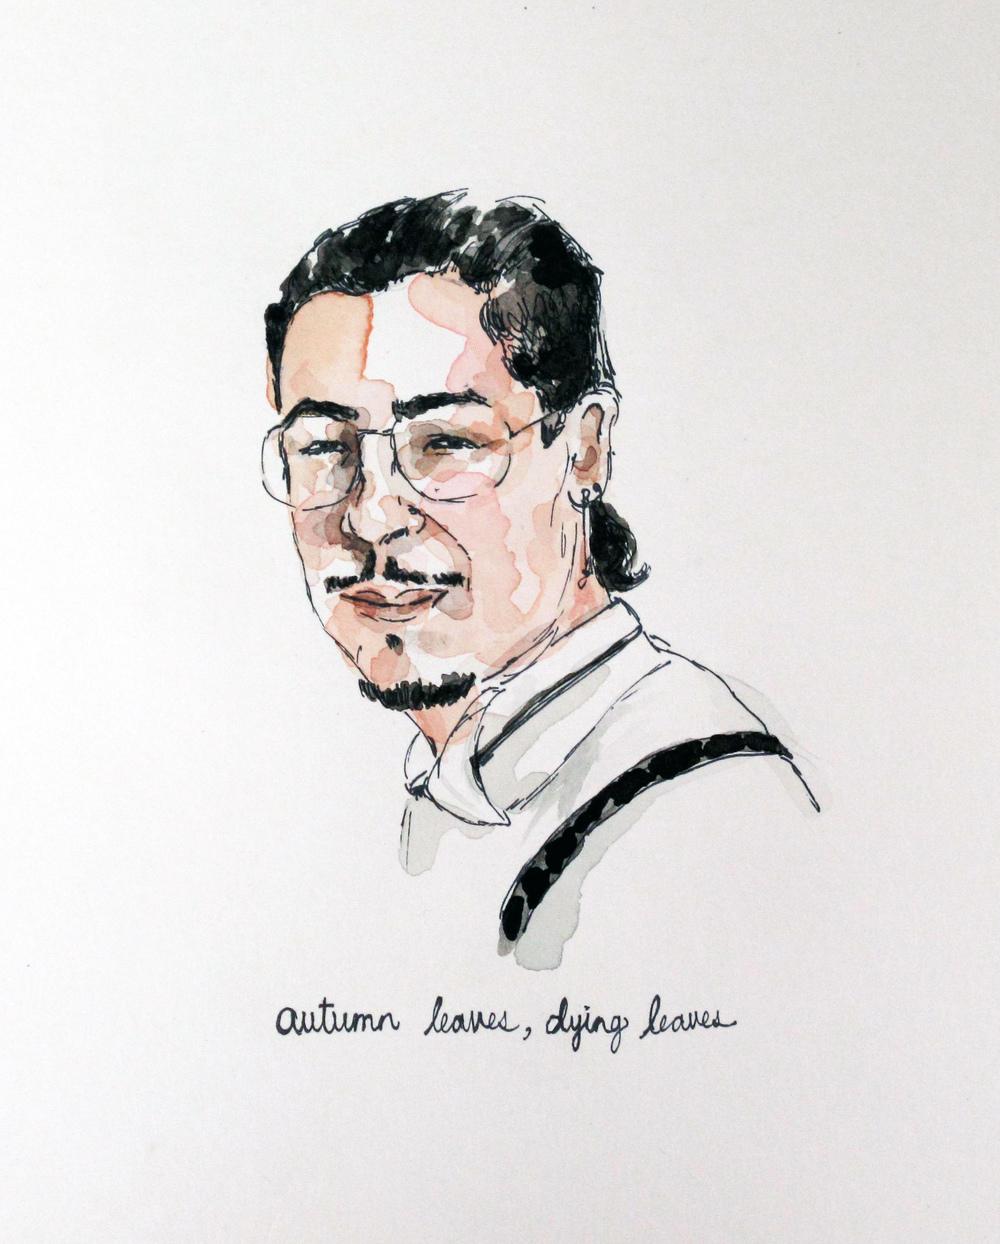 Claude Tanner